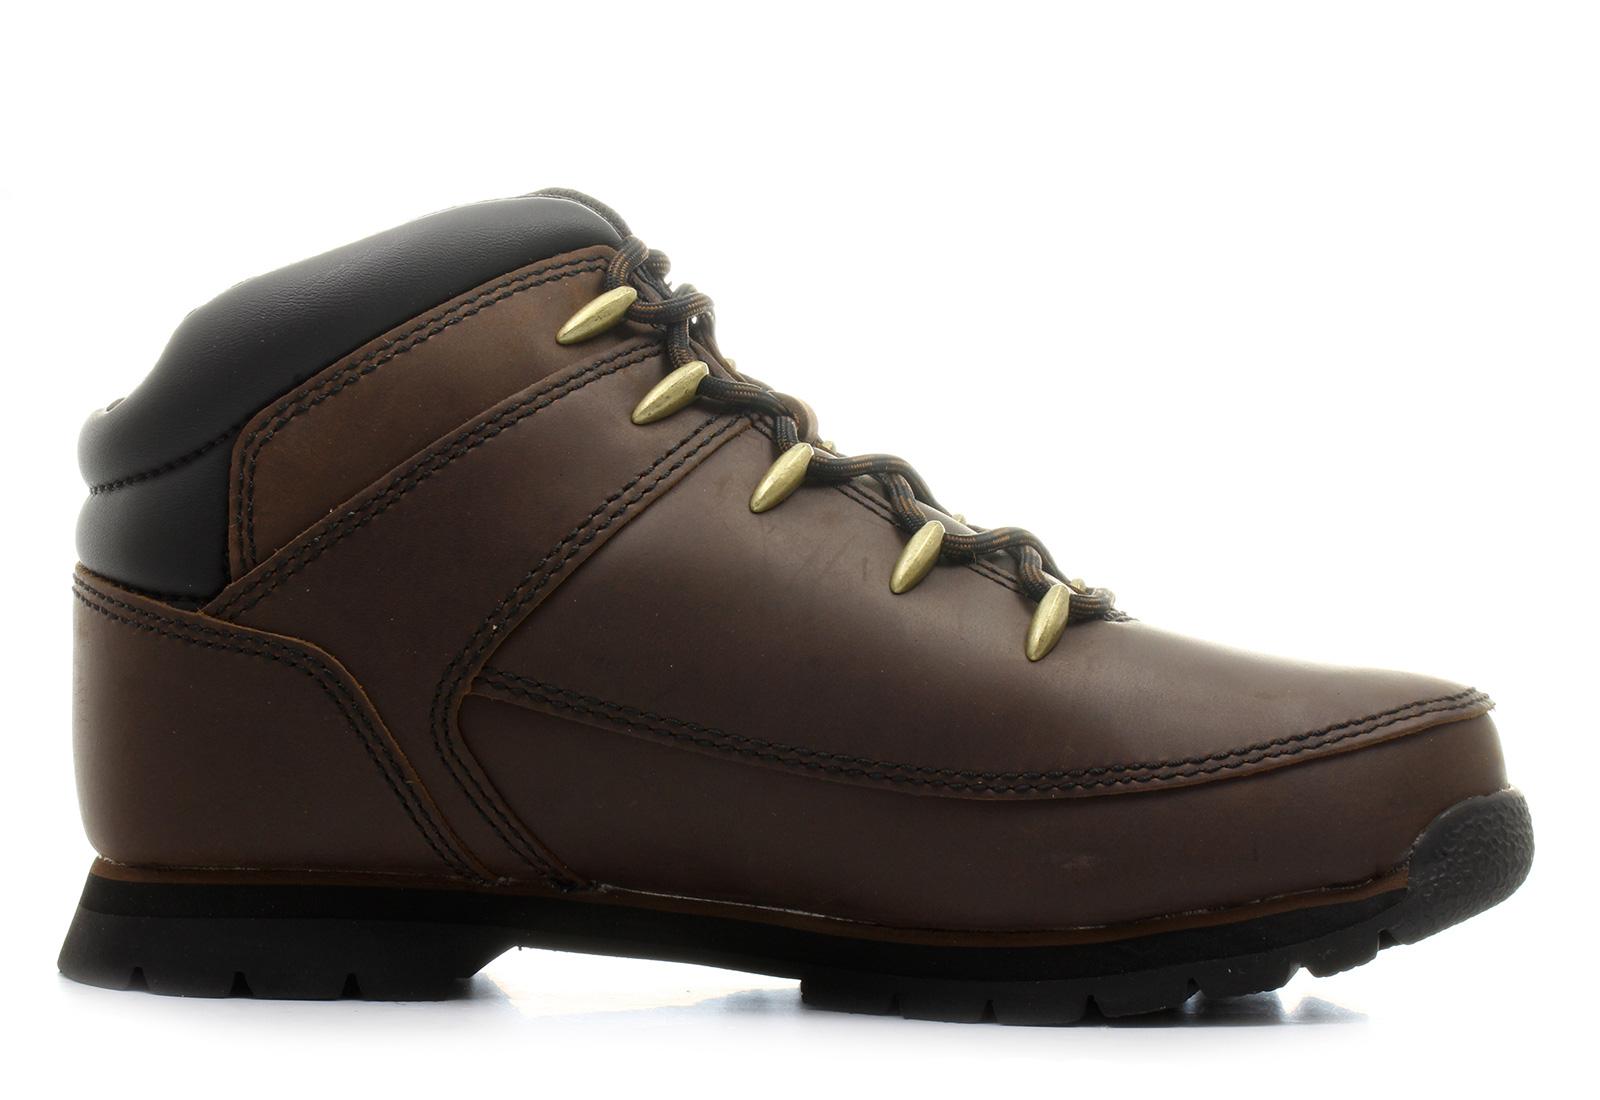 267e559346 Timberland Bakancs - Euro Sprint Hiker - a1316-dbr - Office Shoes ...